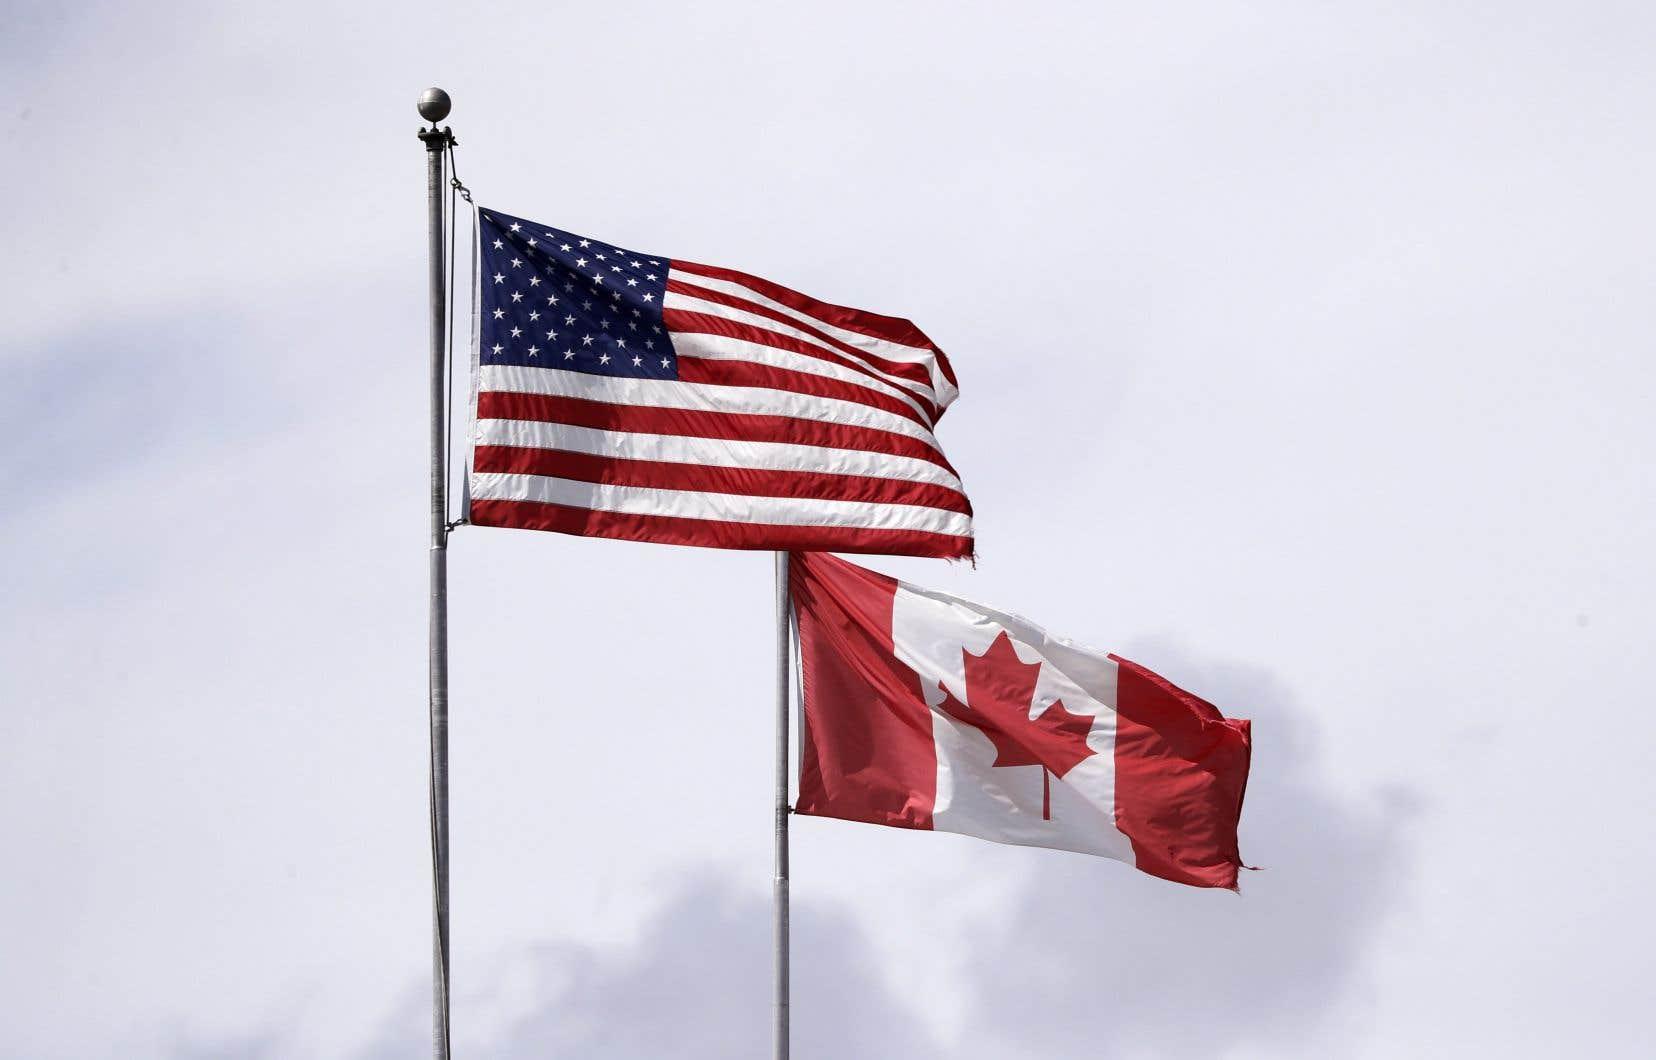 En temps normal, plus de 400000 Canadiens et Américains franchissent chaque jour la frontière commune de près de 8900 kilomètres.